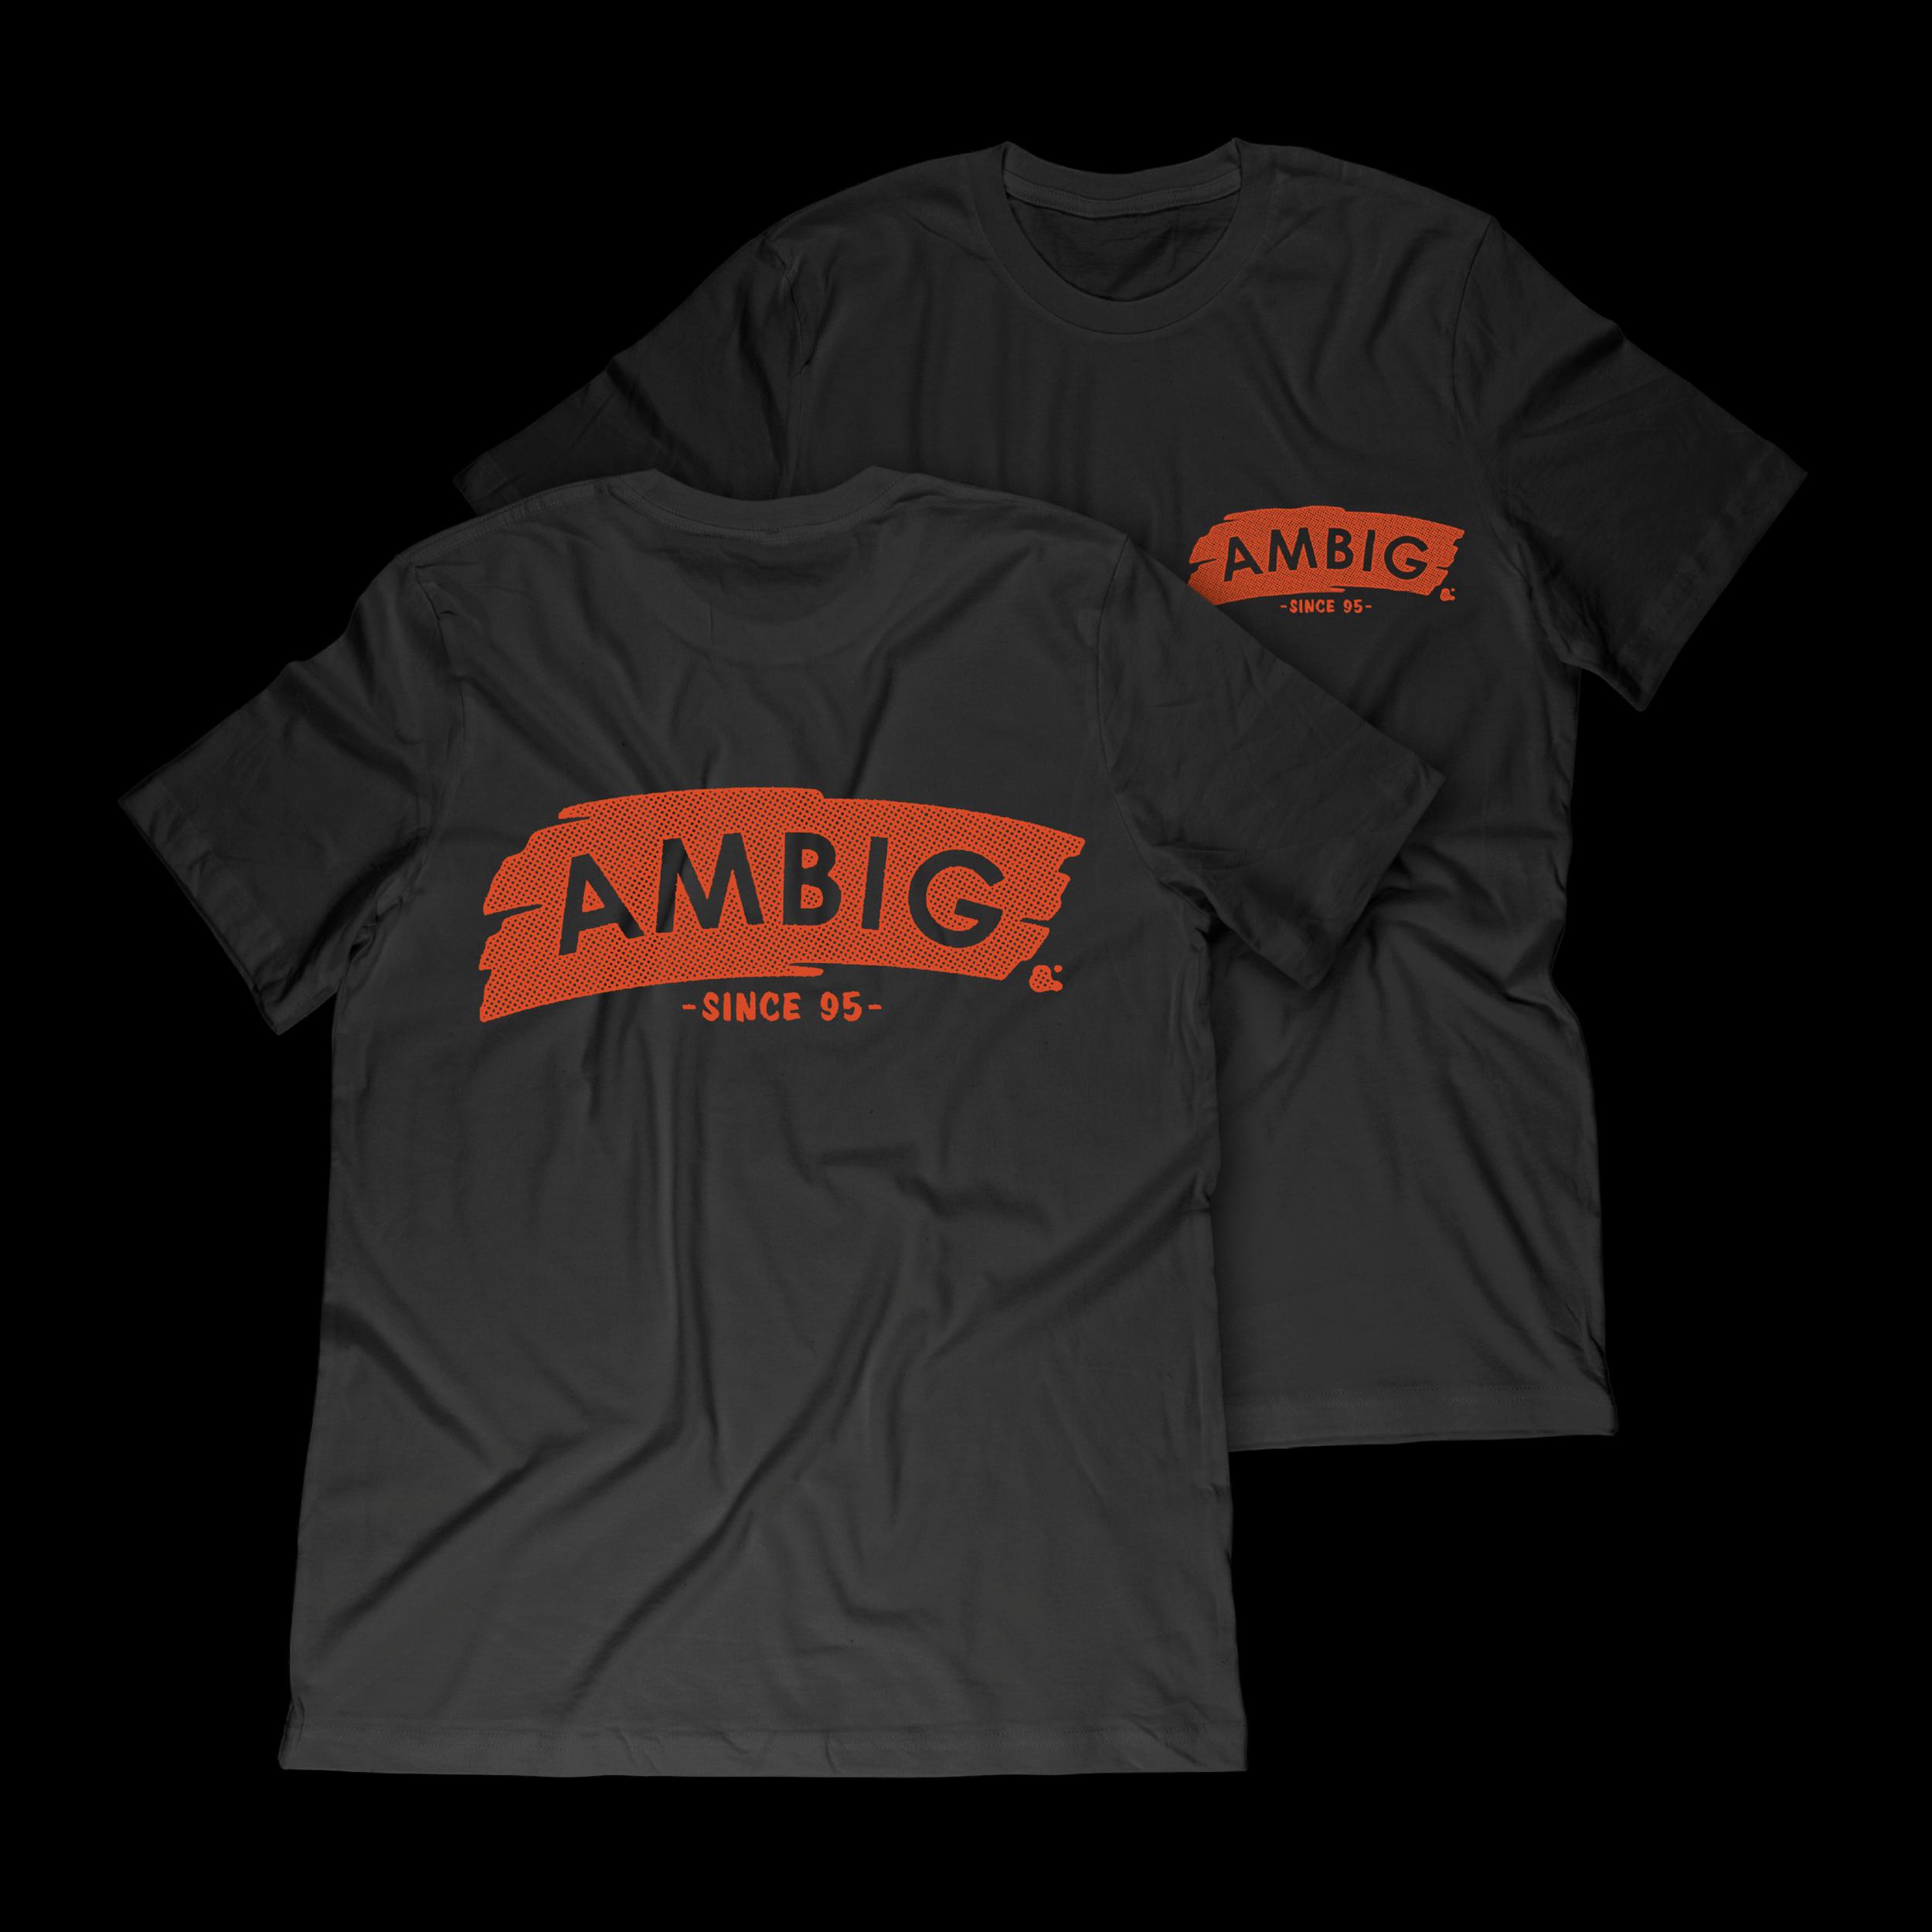 Ambig-MockUps-0526197.png